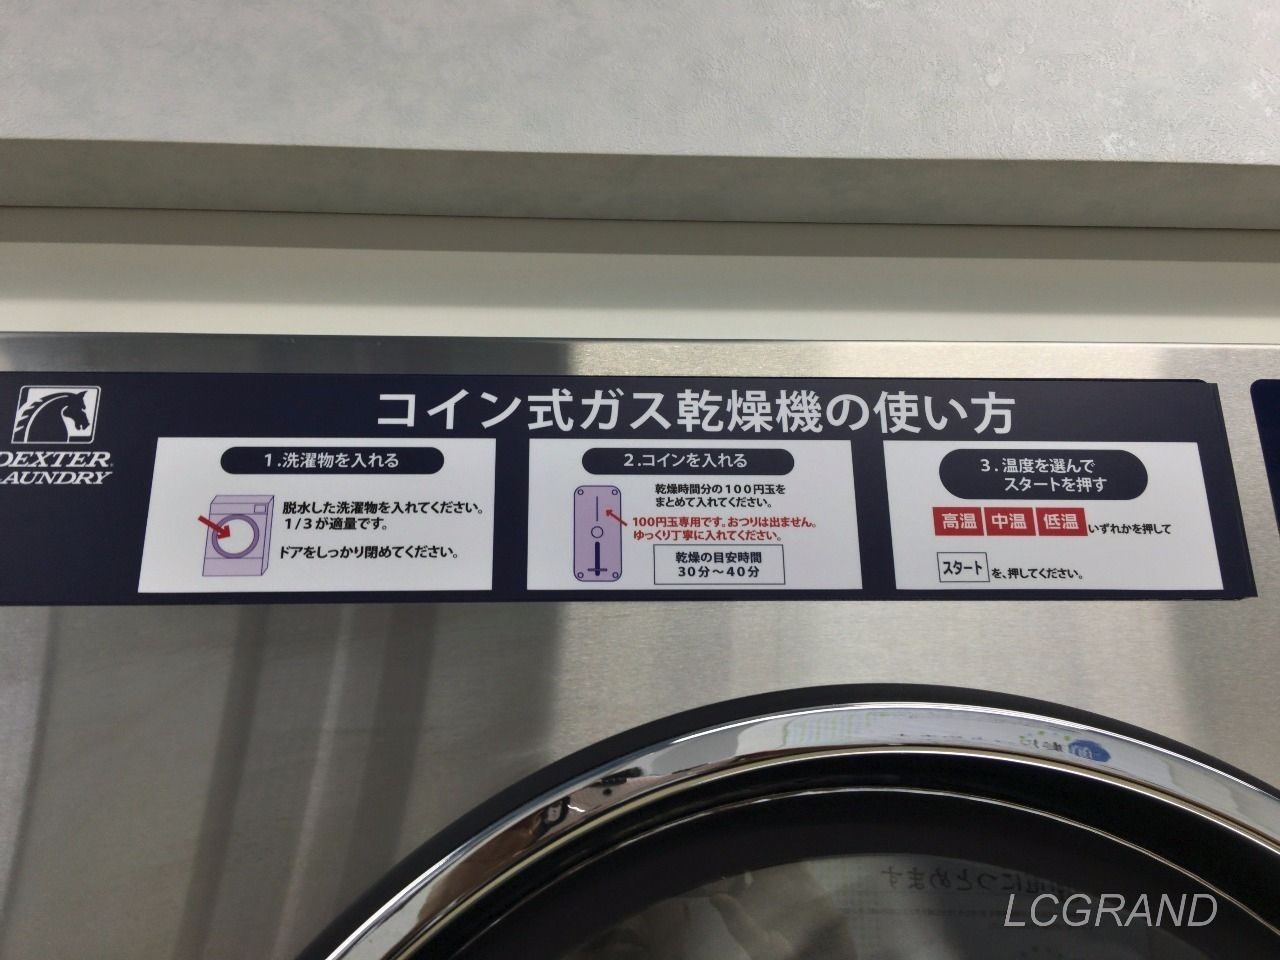 乾燥機の上部に使い方が表記されています。